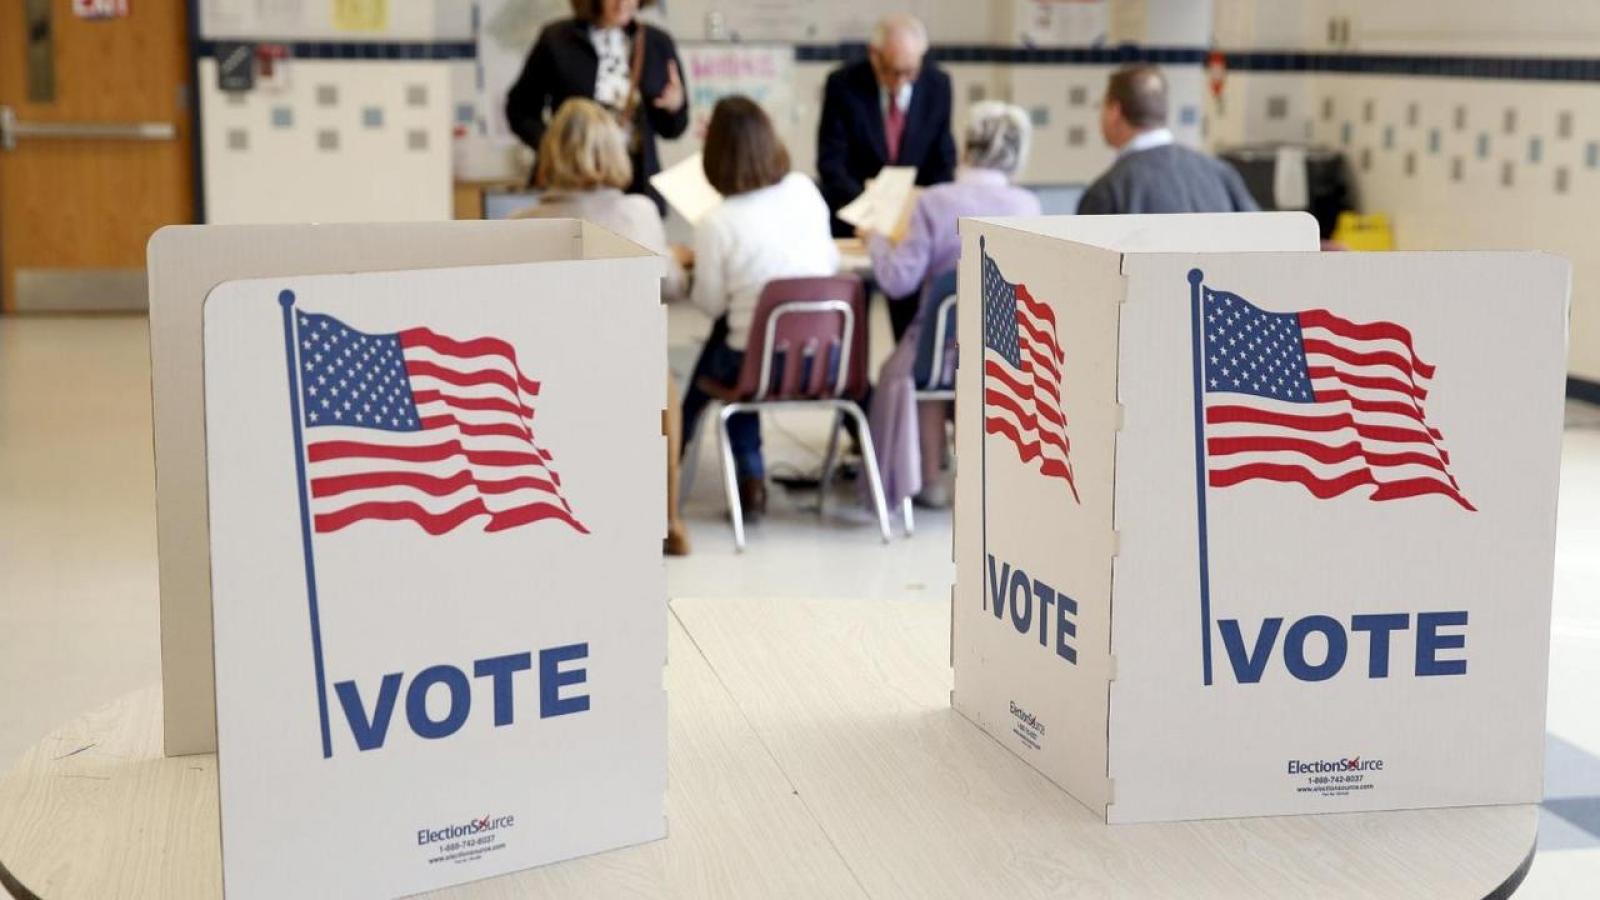 Hơn 10 triệu cử tri Mỹ đã đi bỏ phiếu bầu Tổng thống